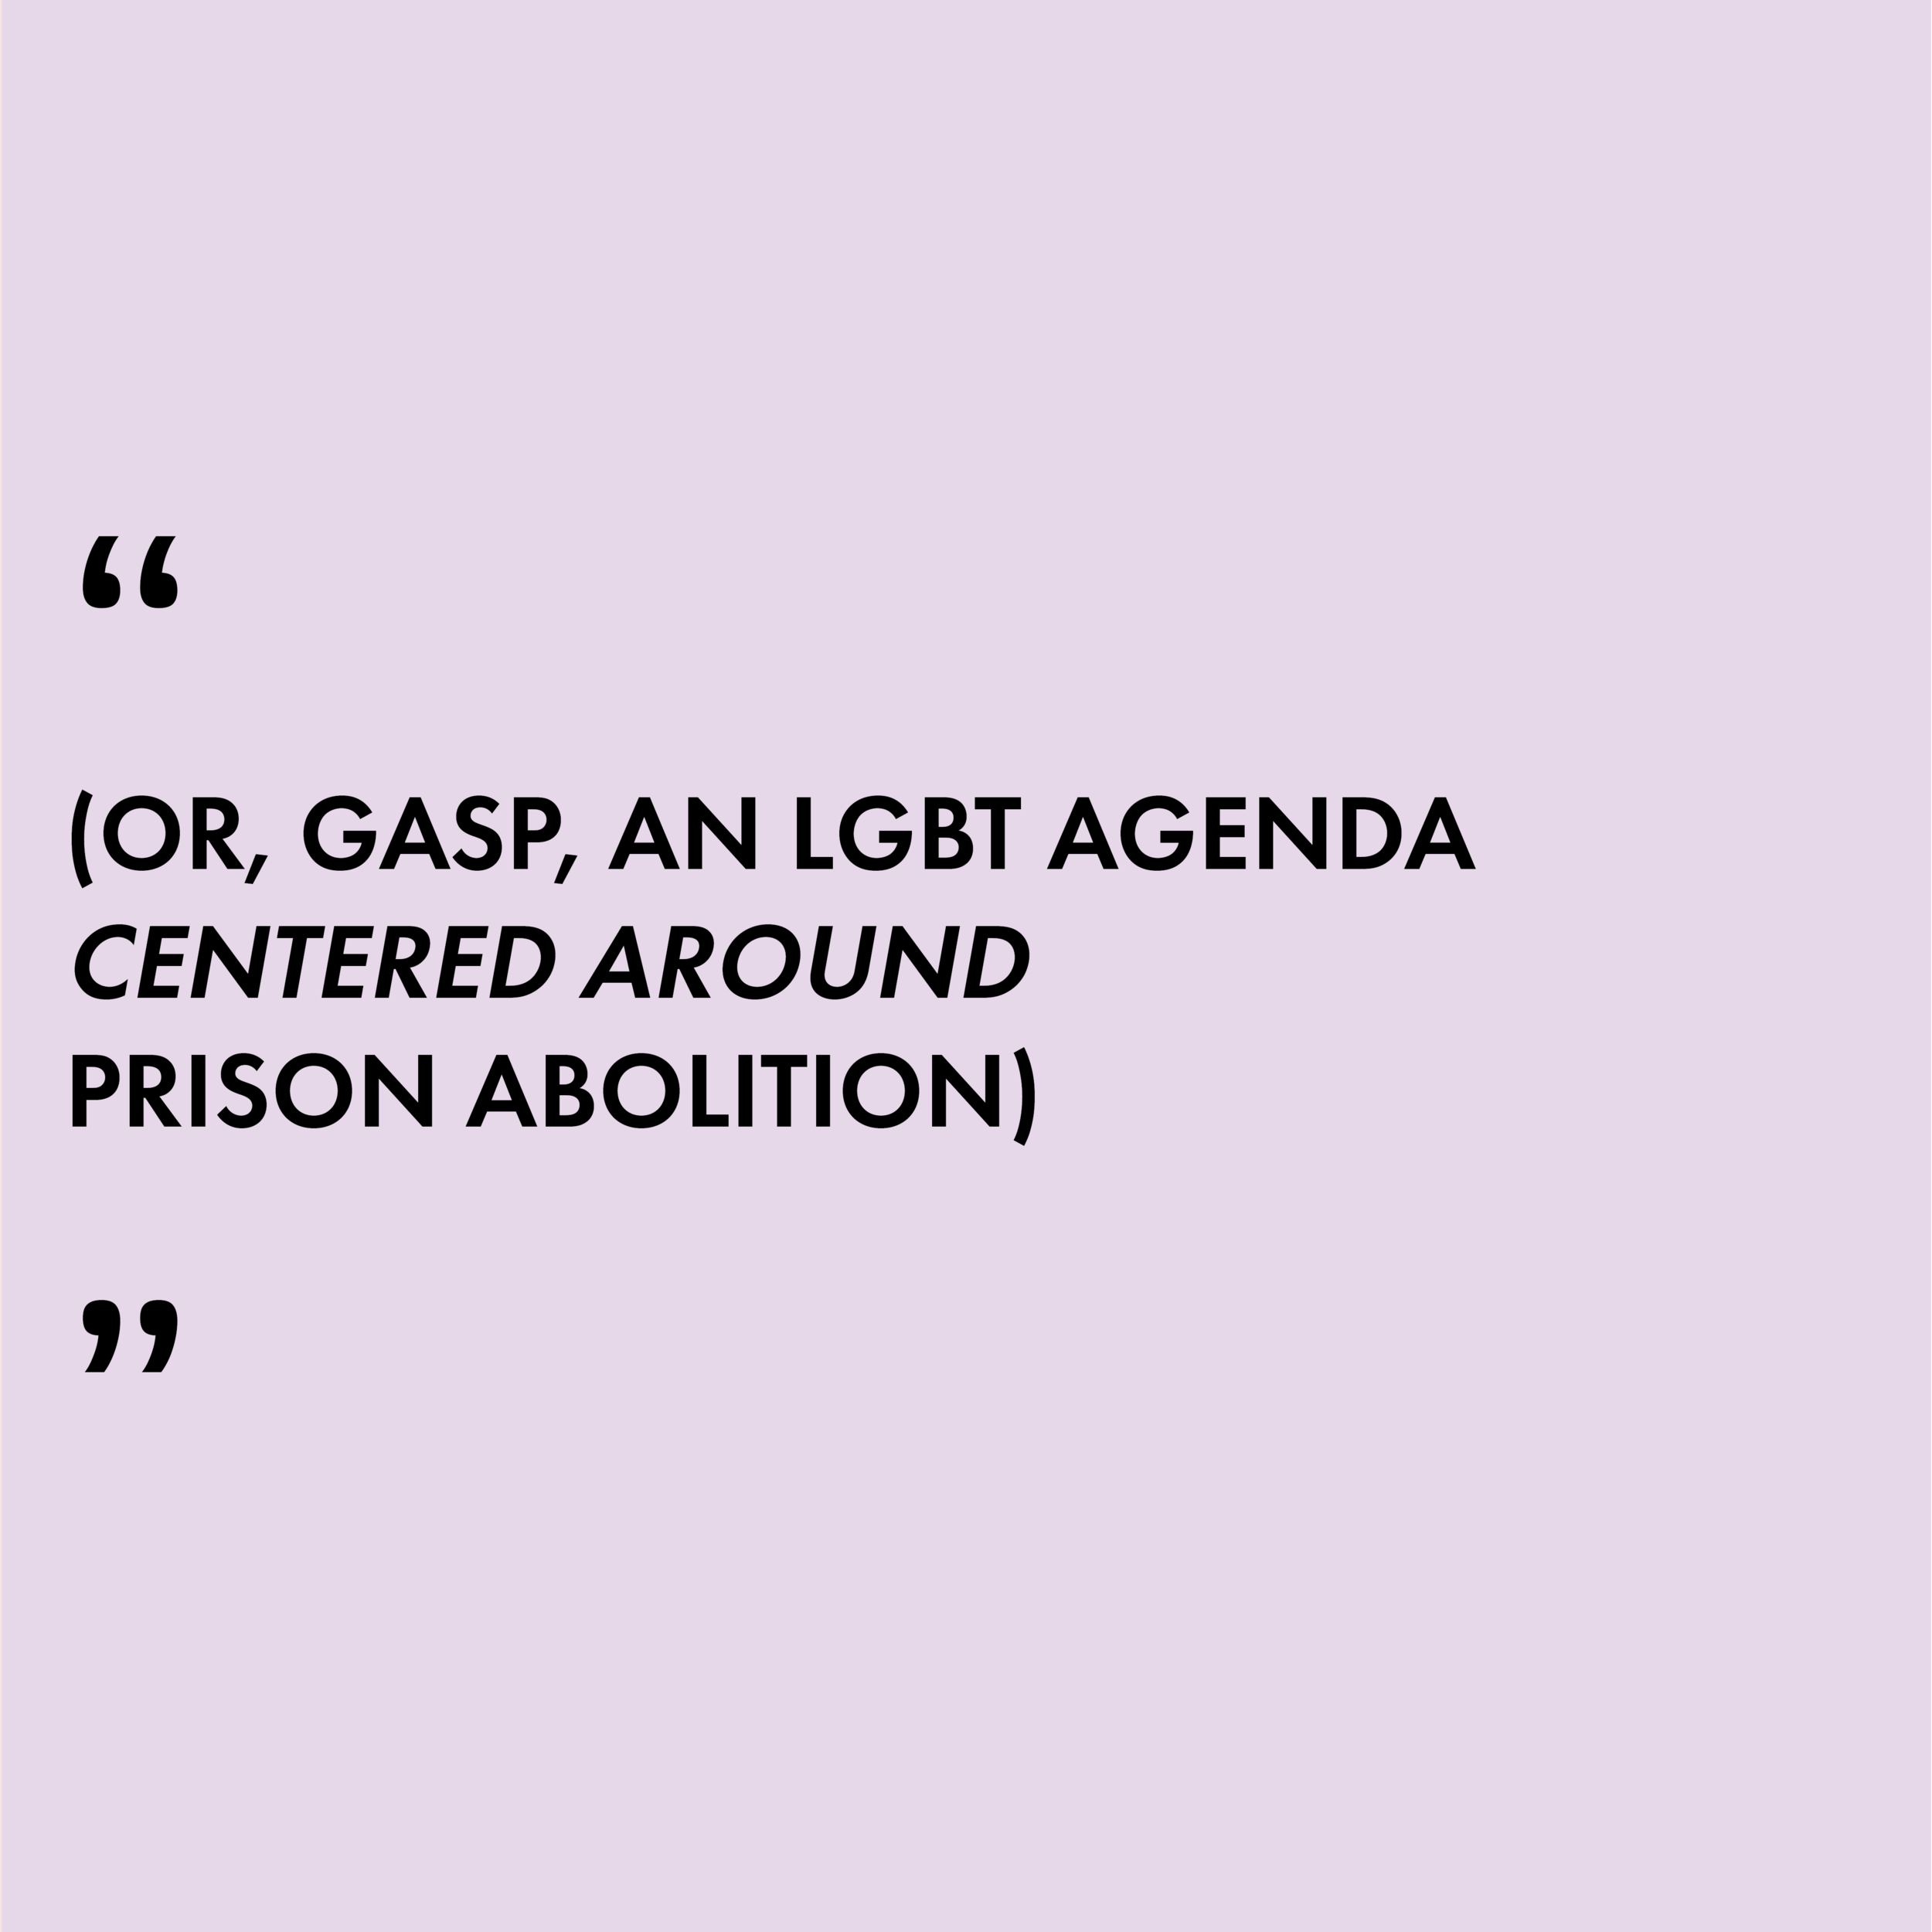 LGBT CENTERED AROUND v2.png